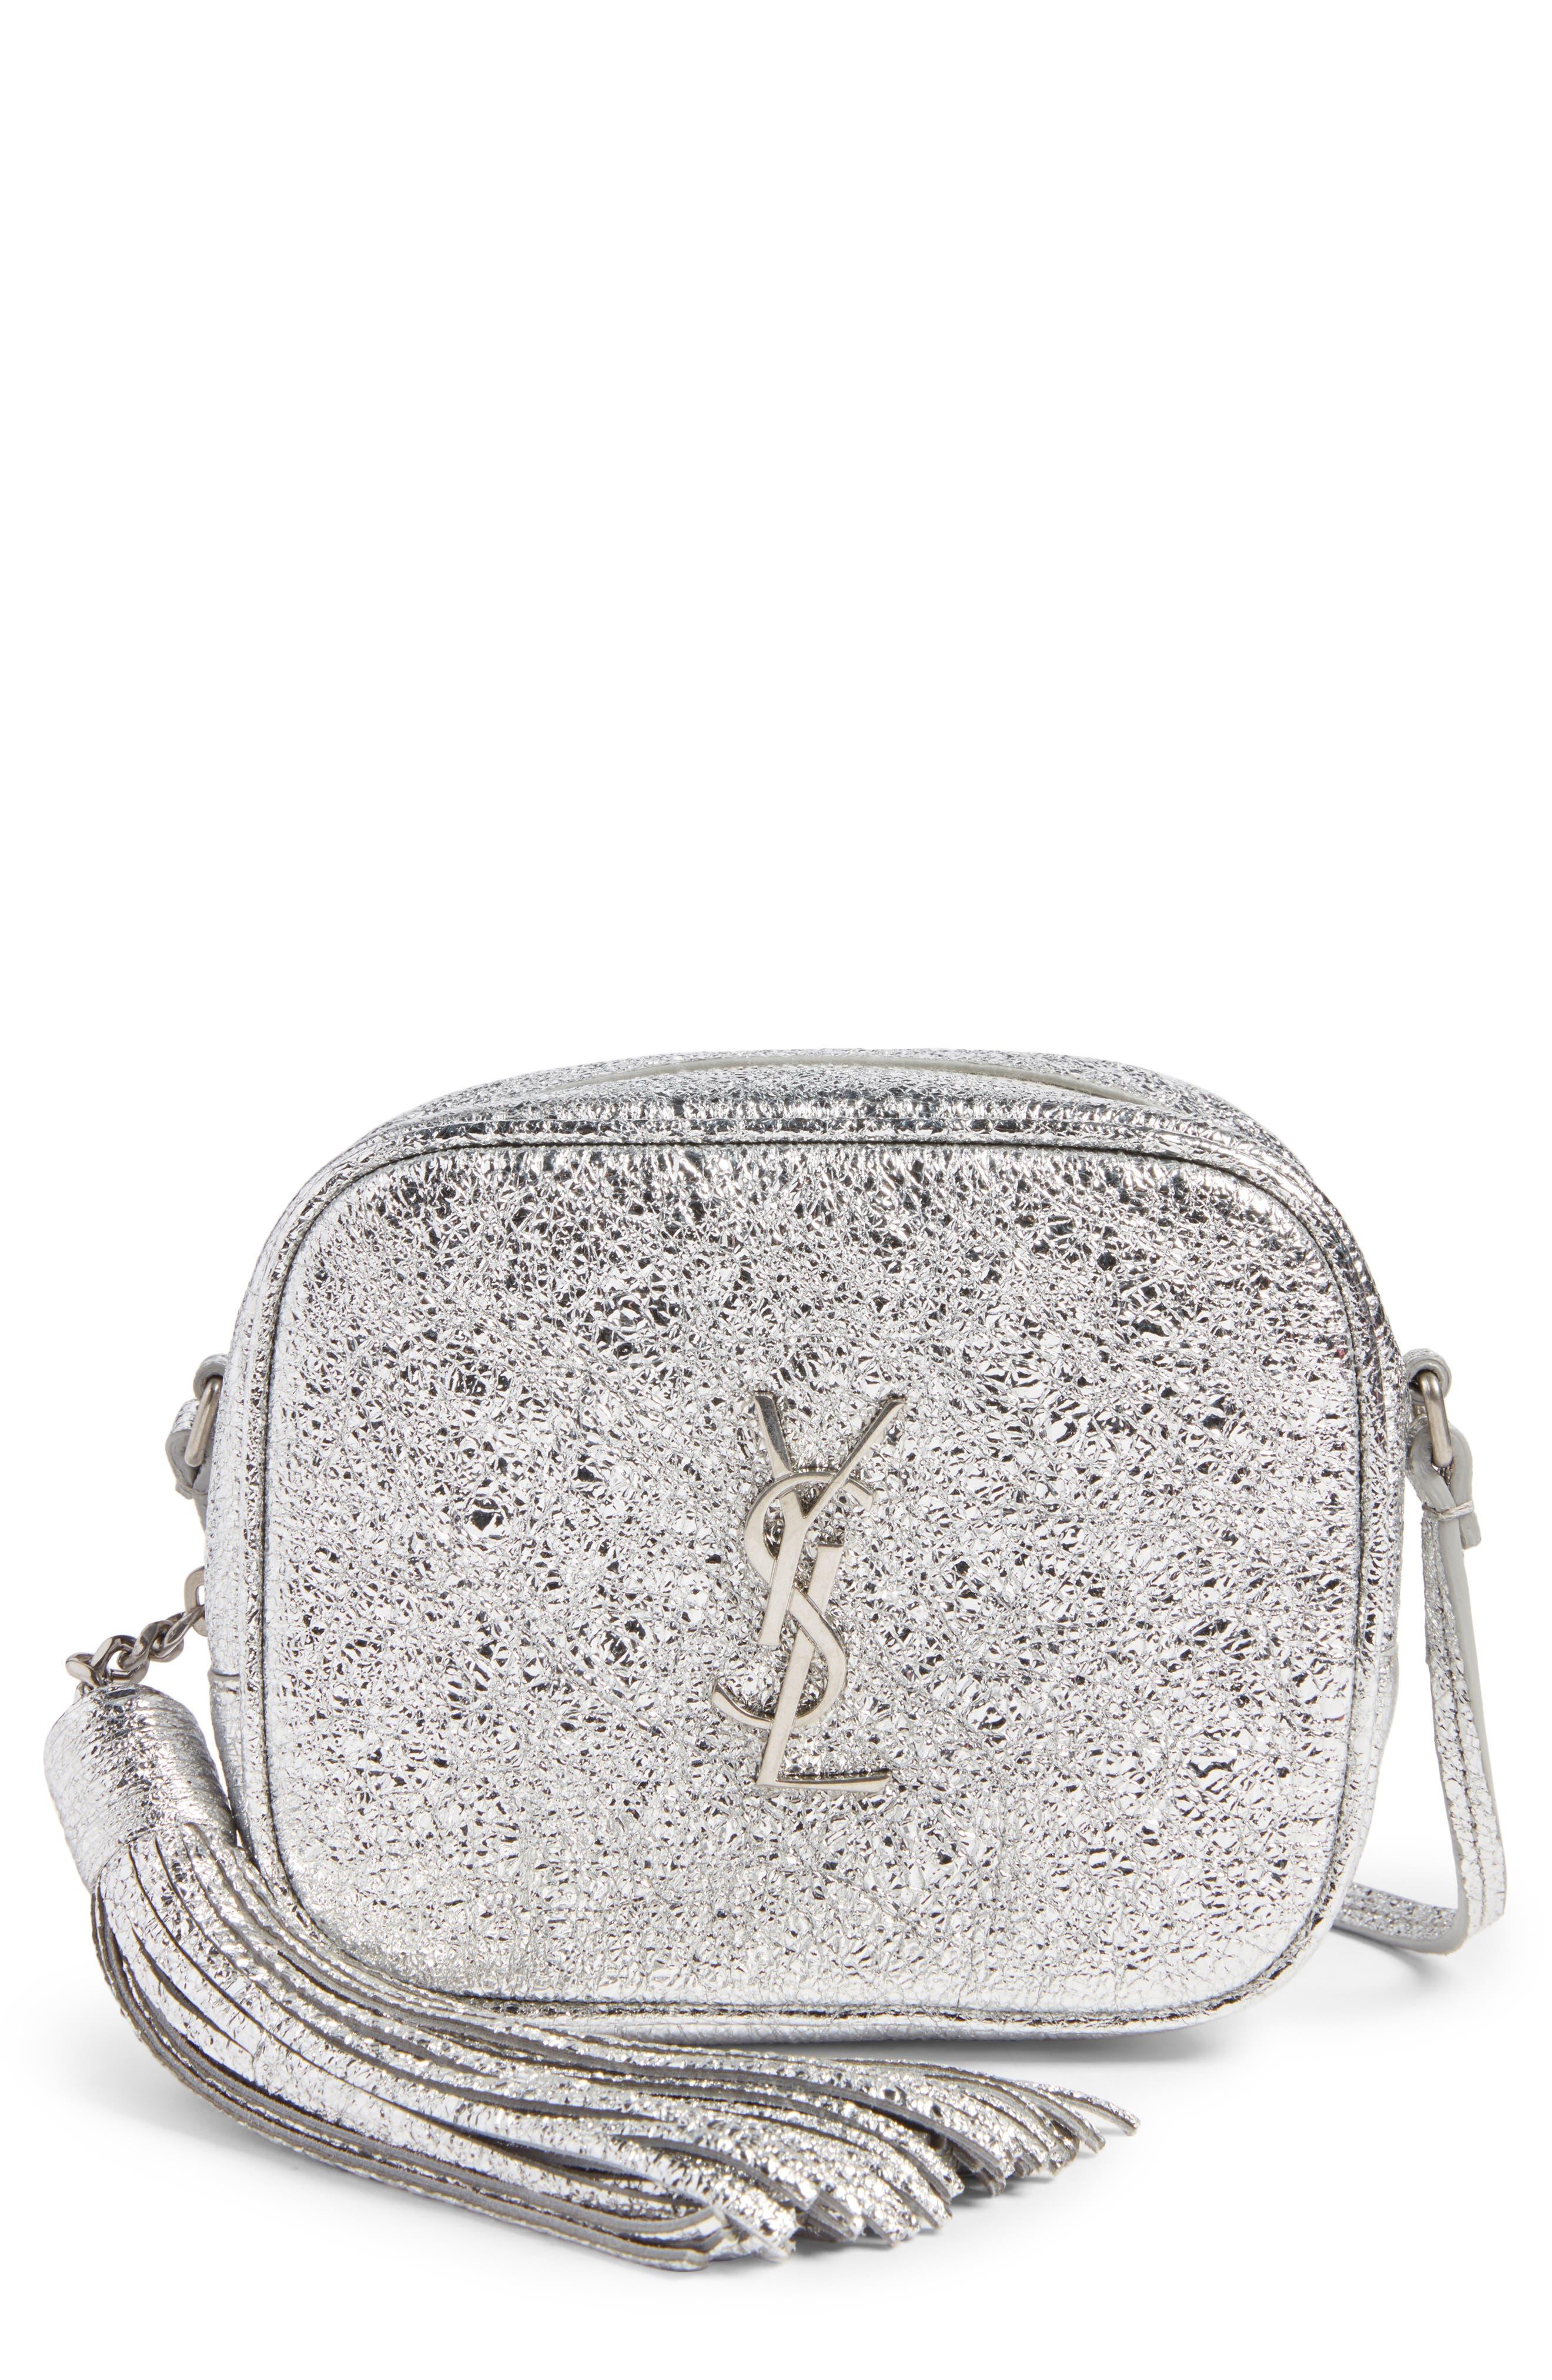 Monogram Blogger Calfskin Crossbody Bag,                         Main,                         color, Argento/ Nero